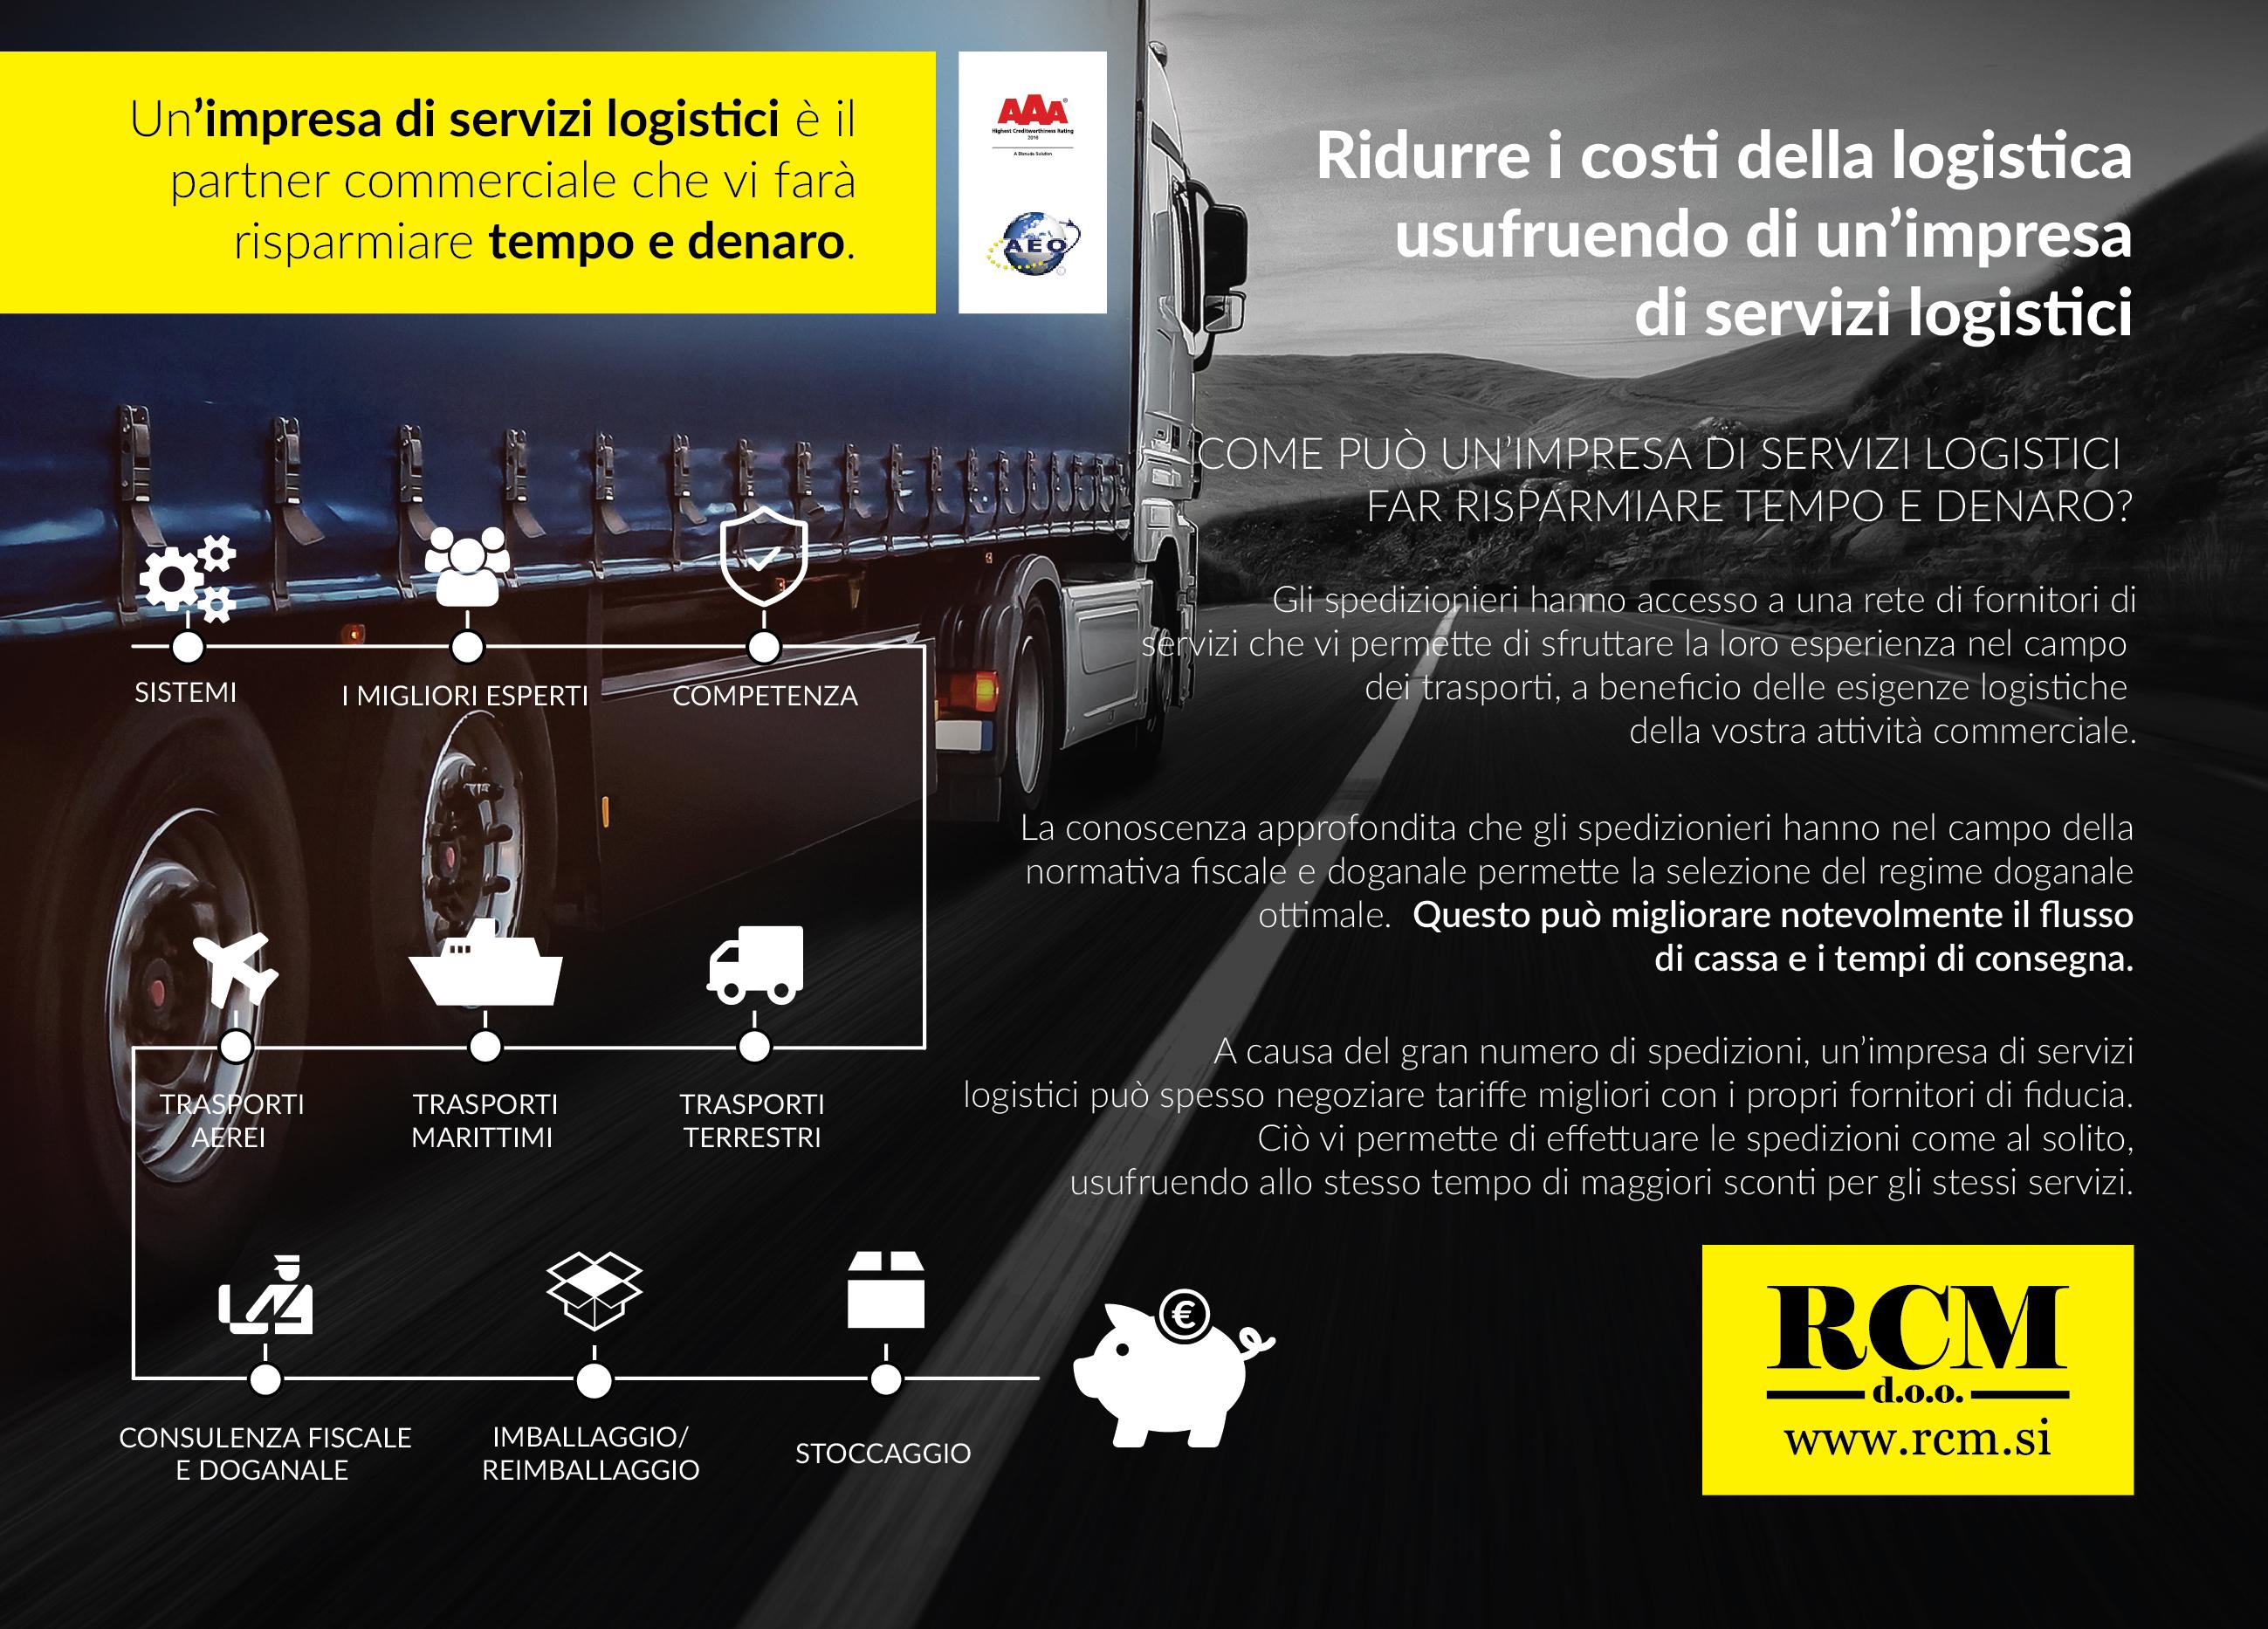 Un impresa di servizi logistici è il partner commerciale che vi